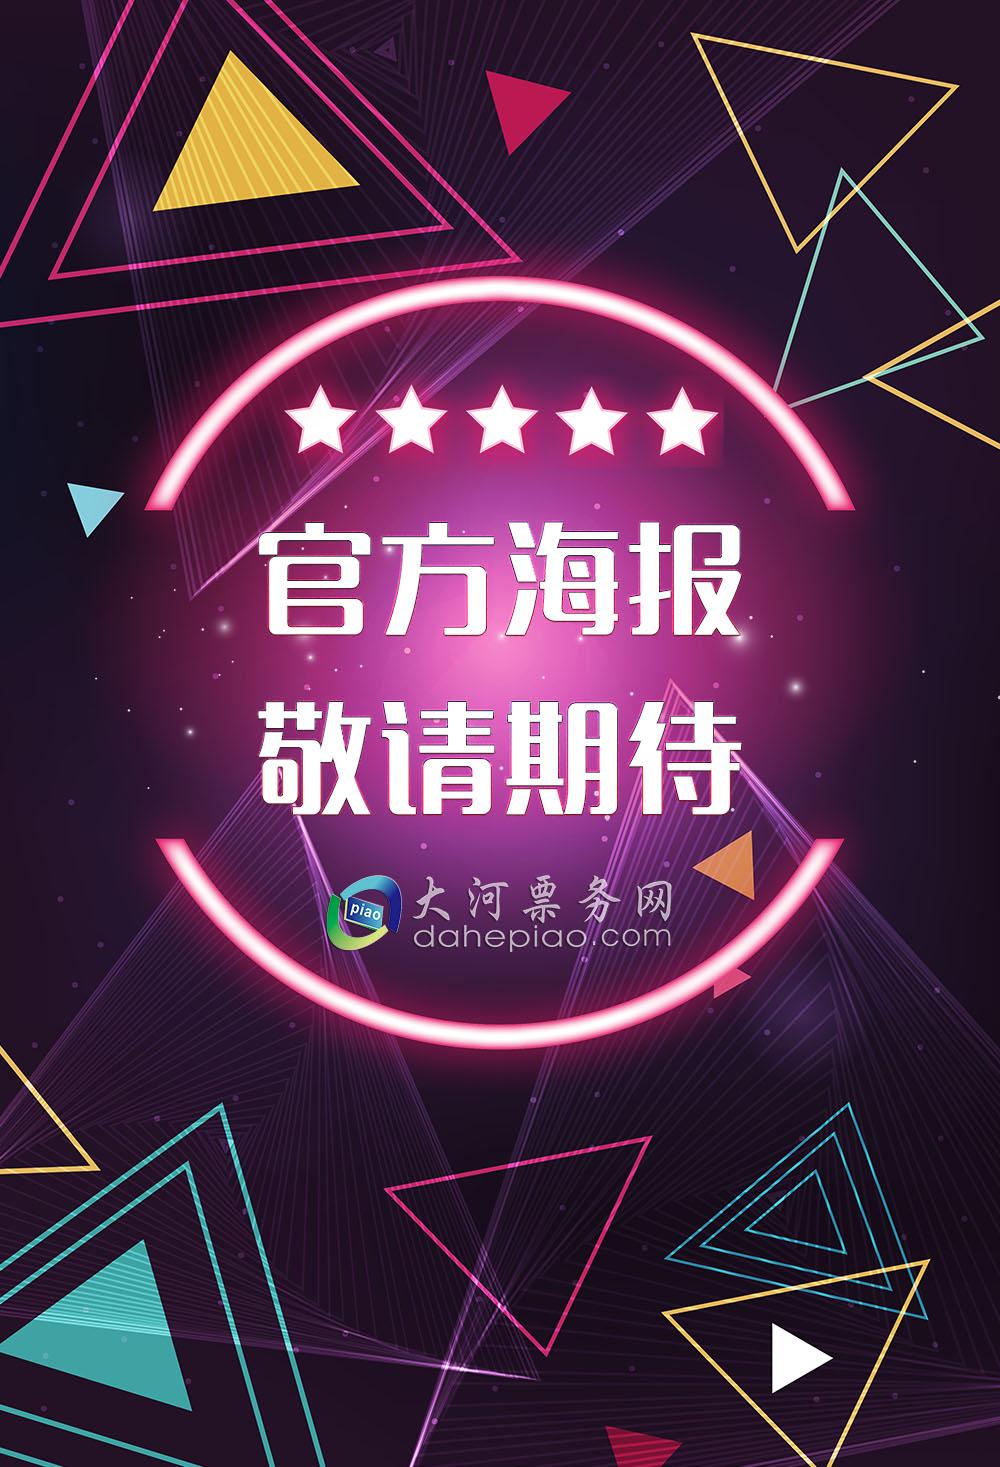 济南创天空SKY音乐节